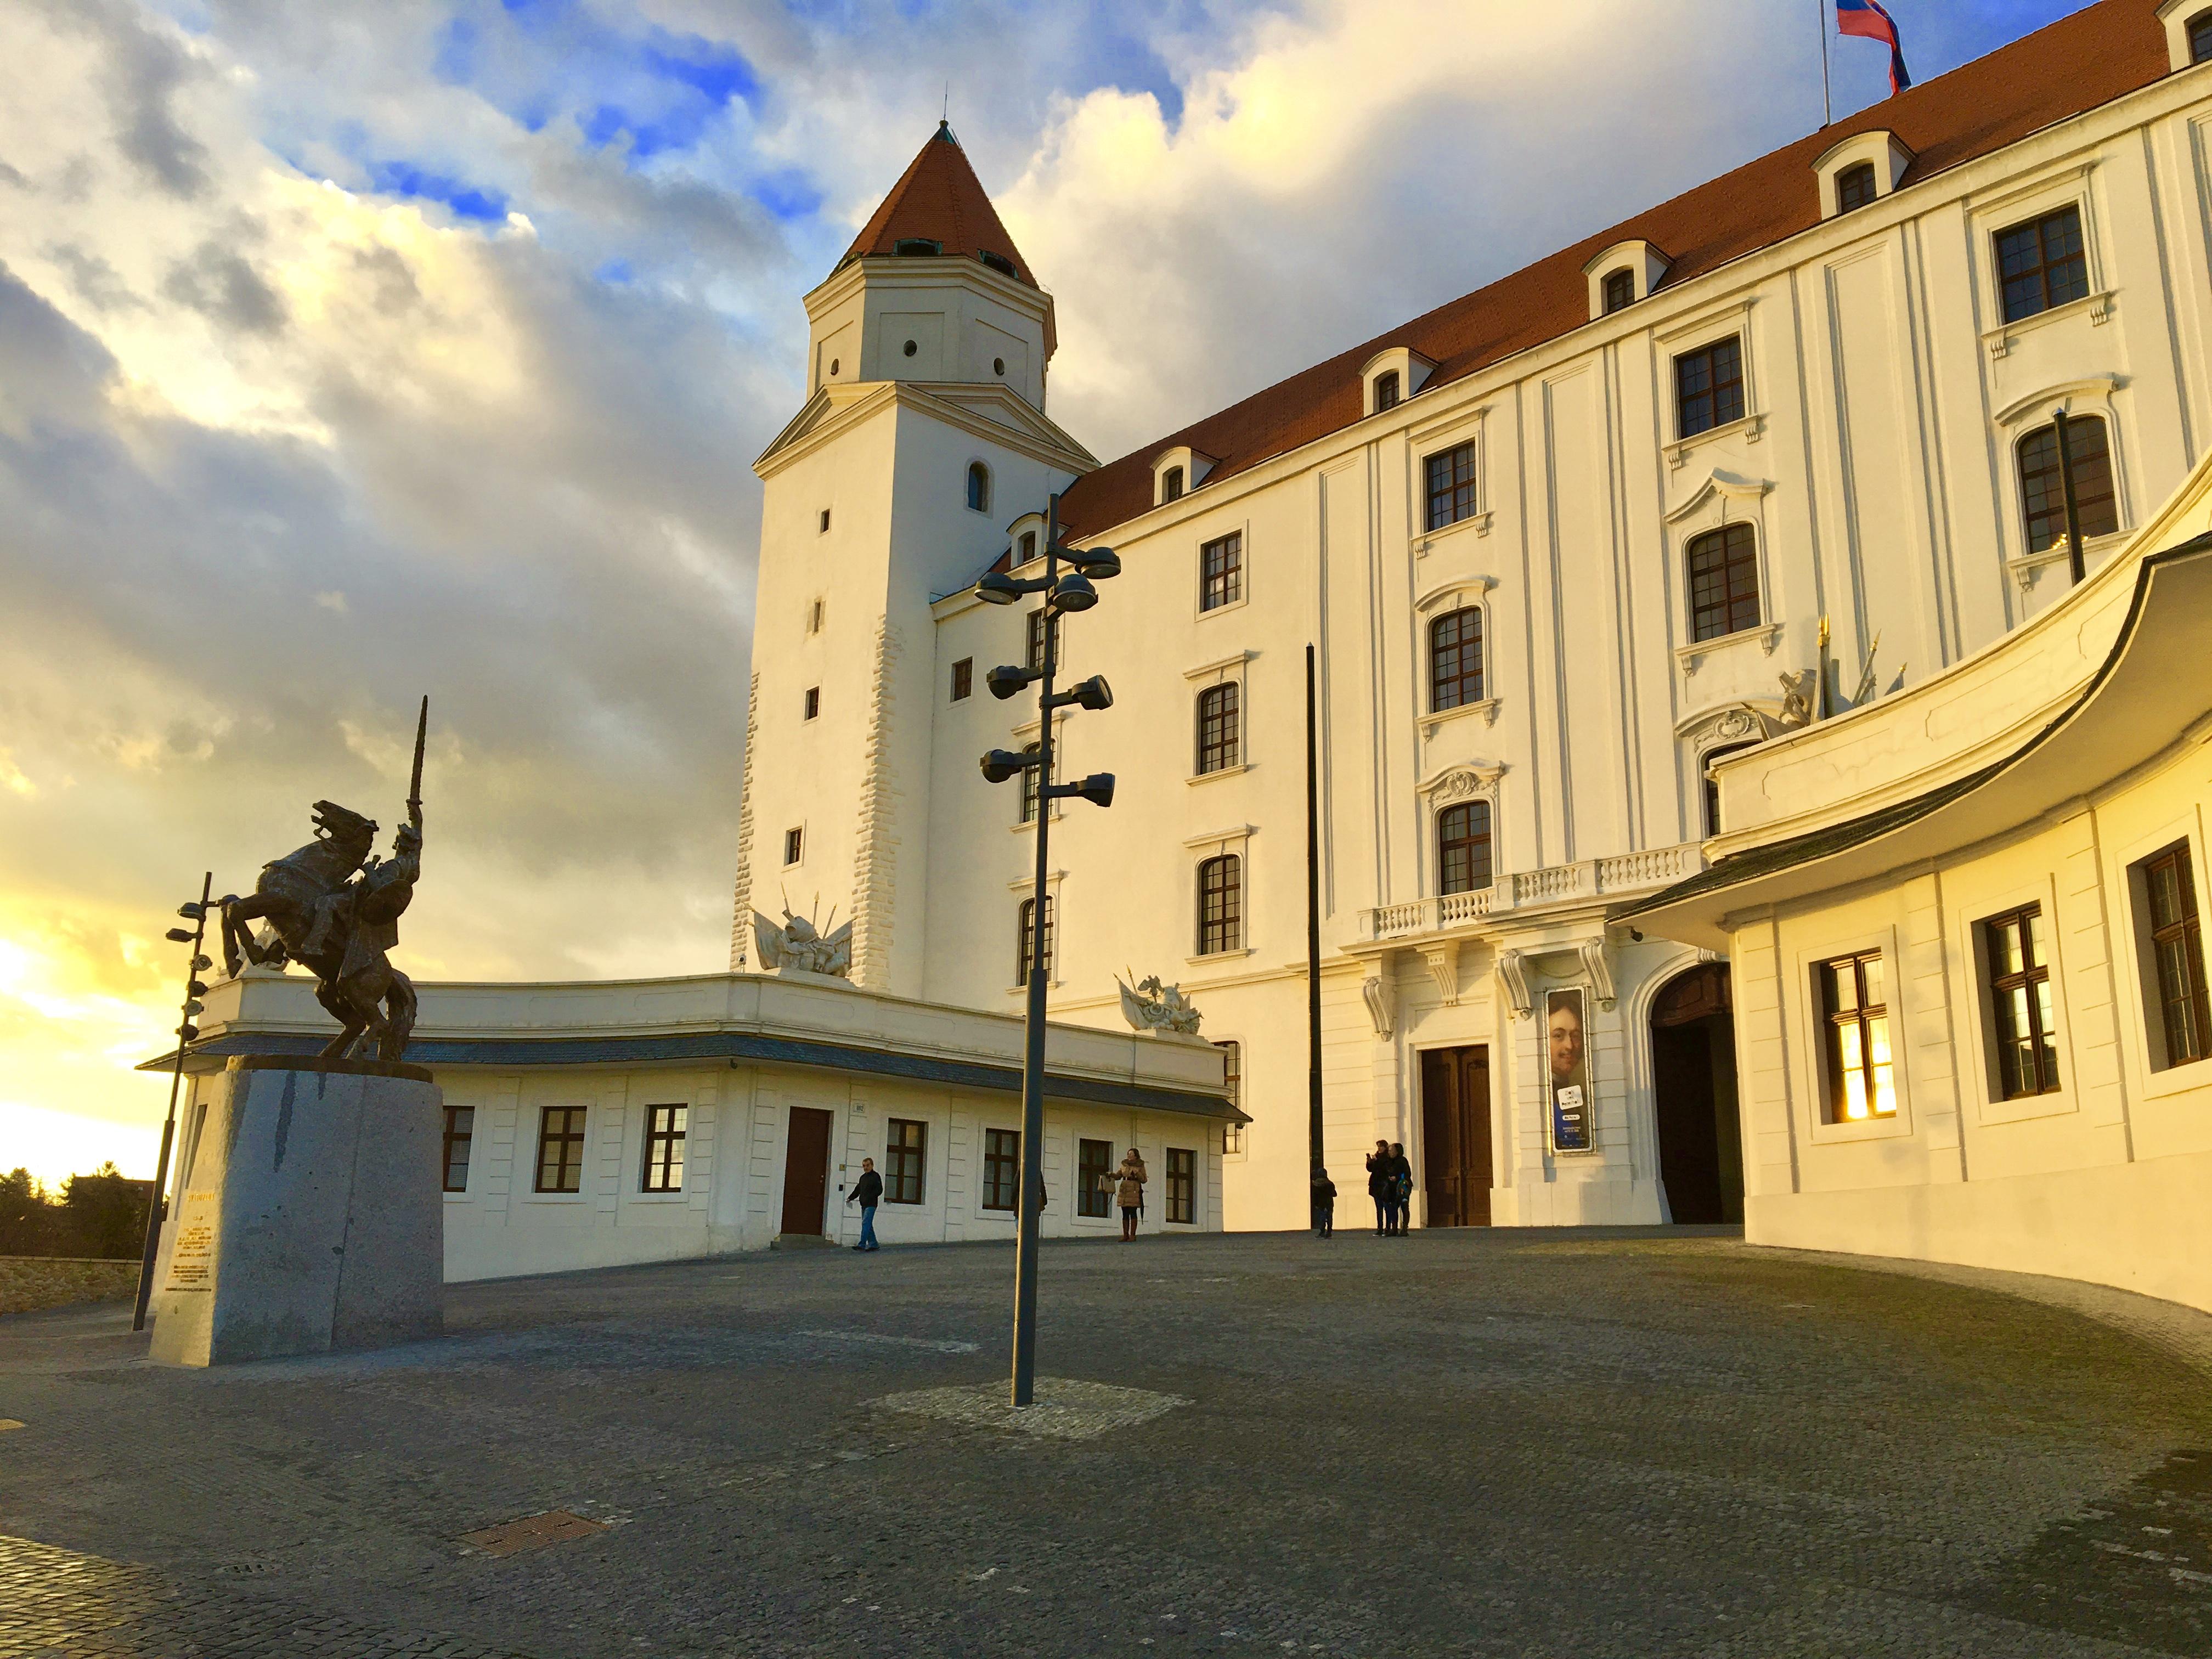 Qué ver en Bratislava? Las 10 mejores cosas que ver en Bratislava en un día.